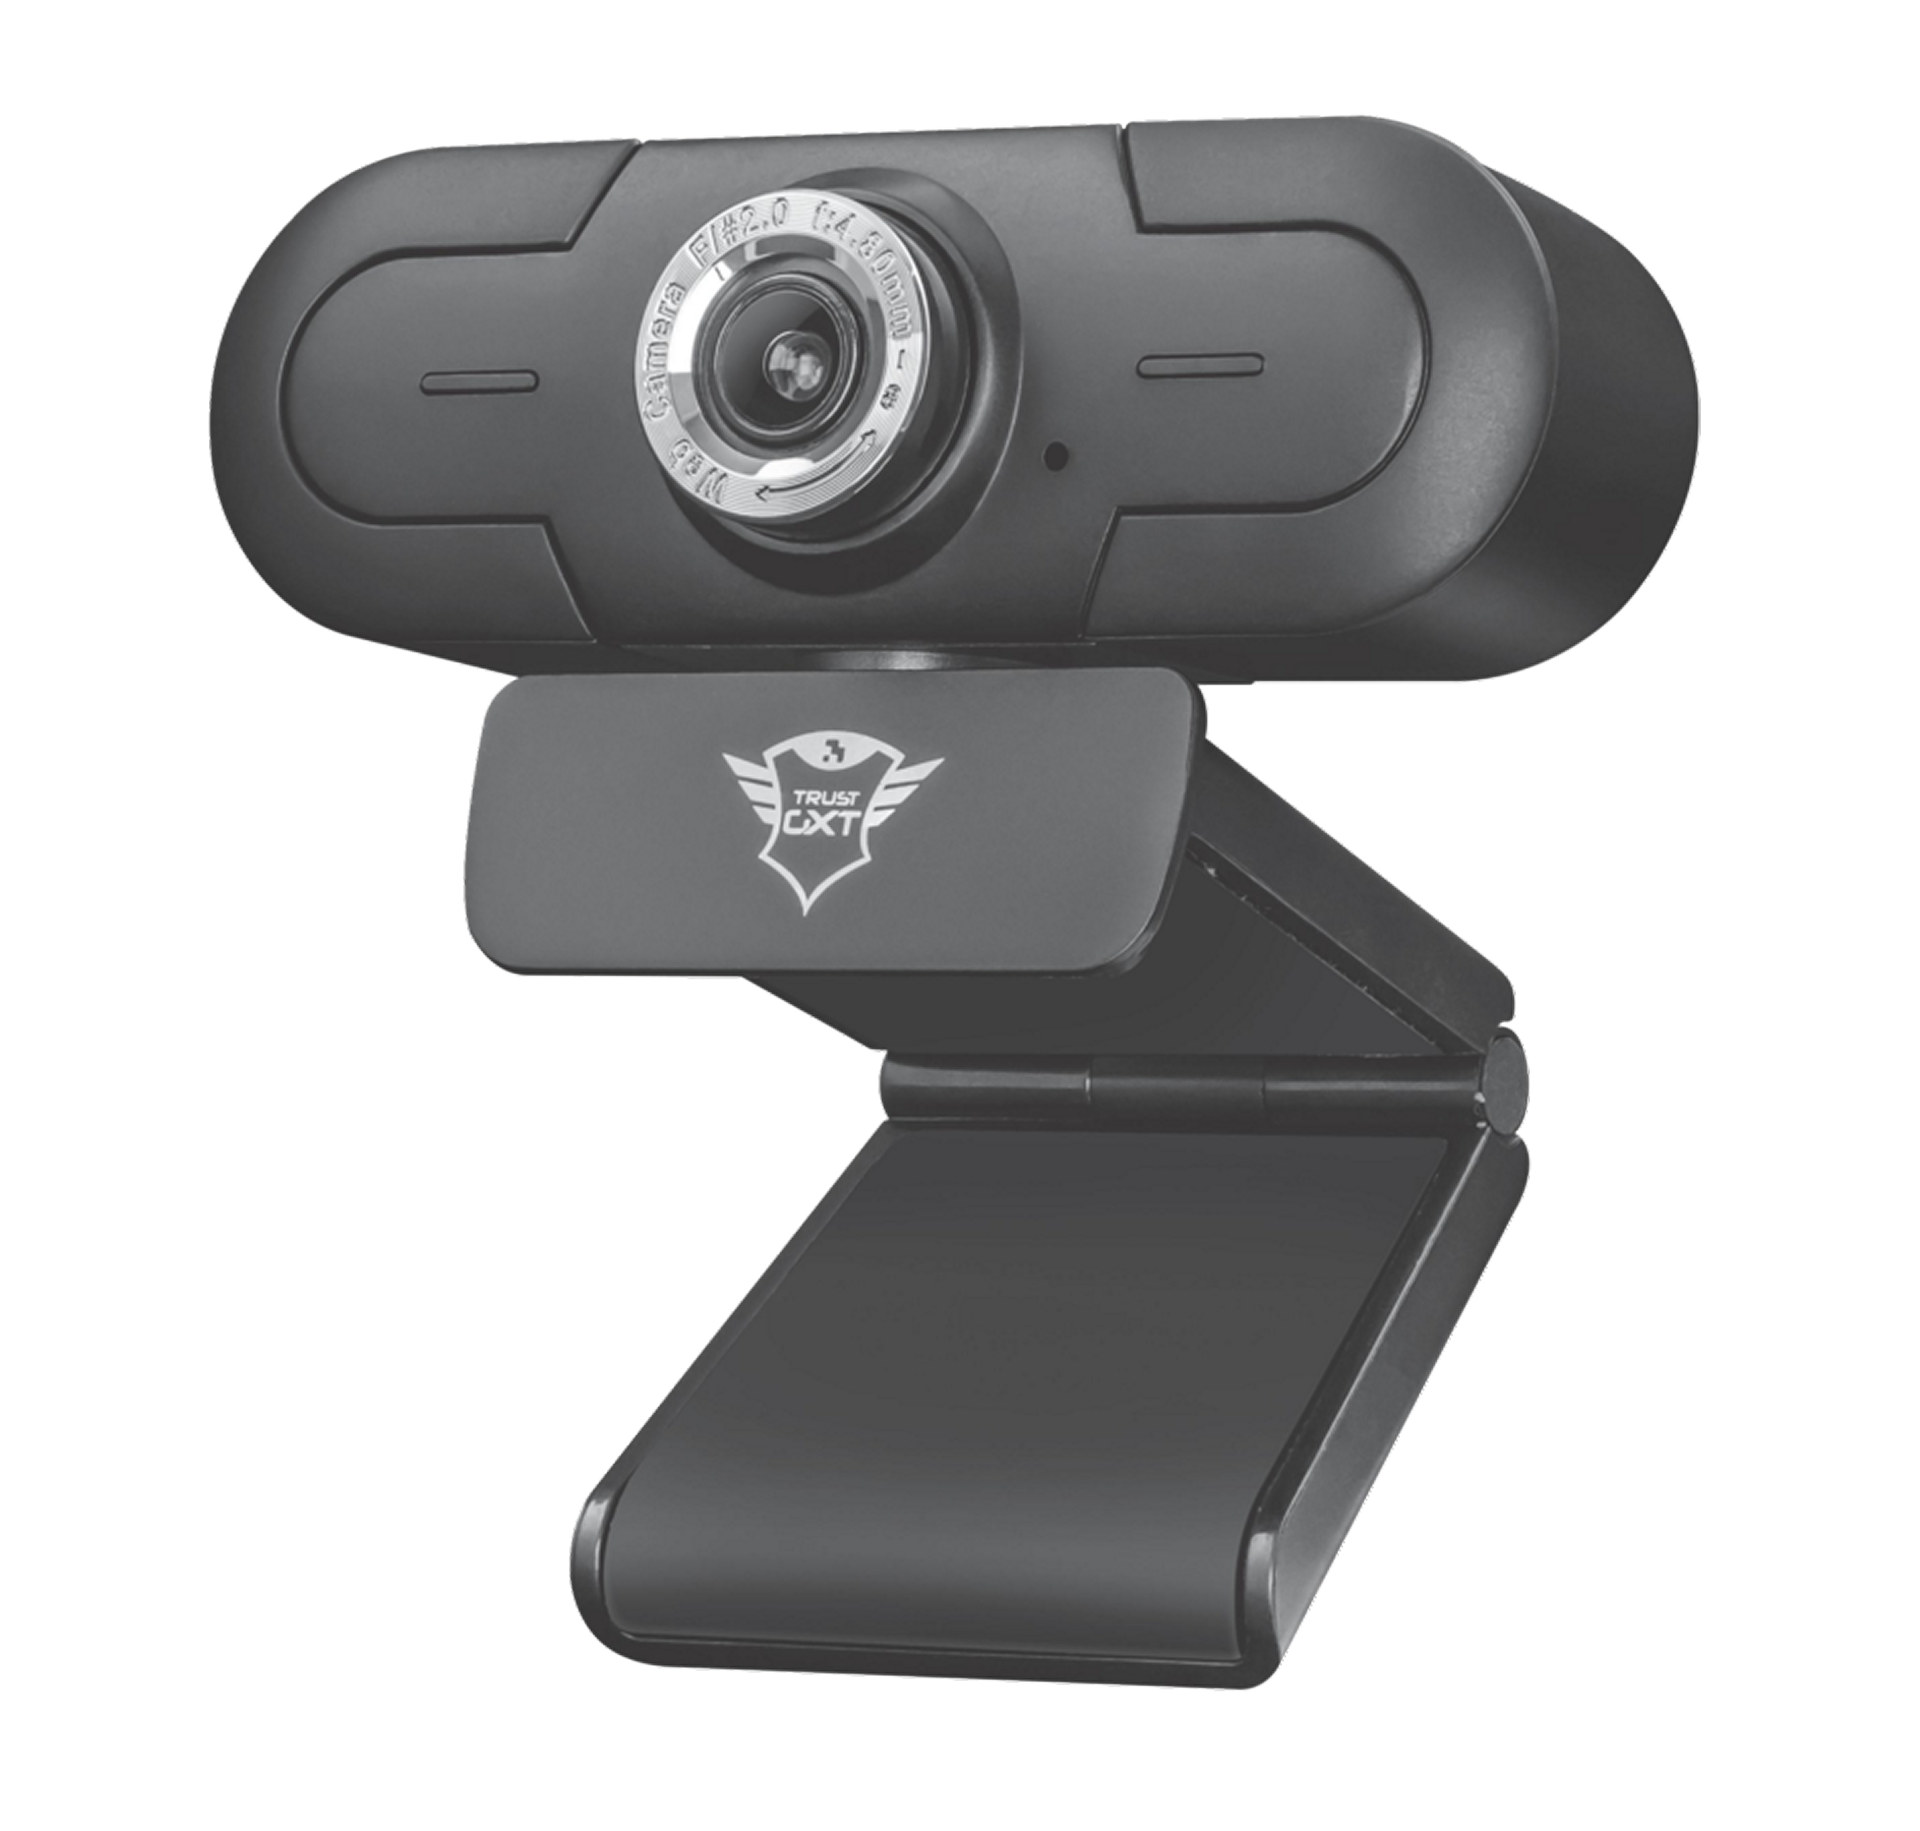 webkamera TRUST GXT 1170 Treaming Cam